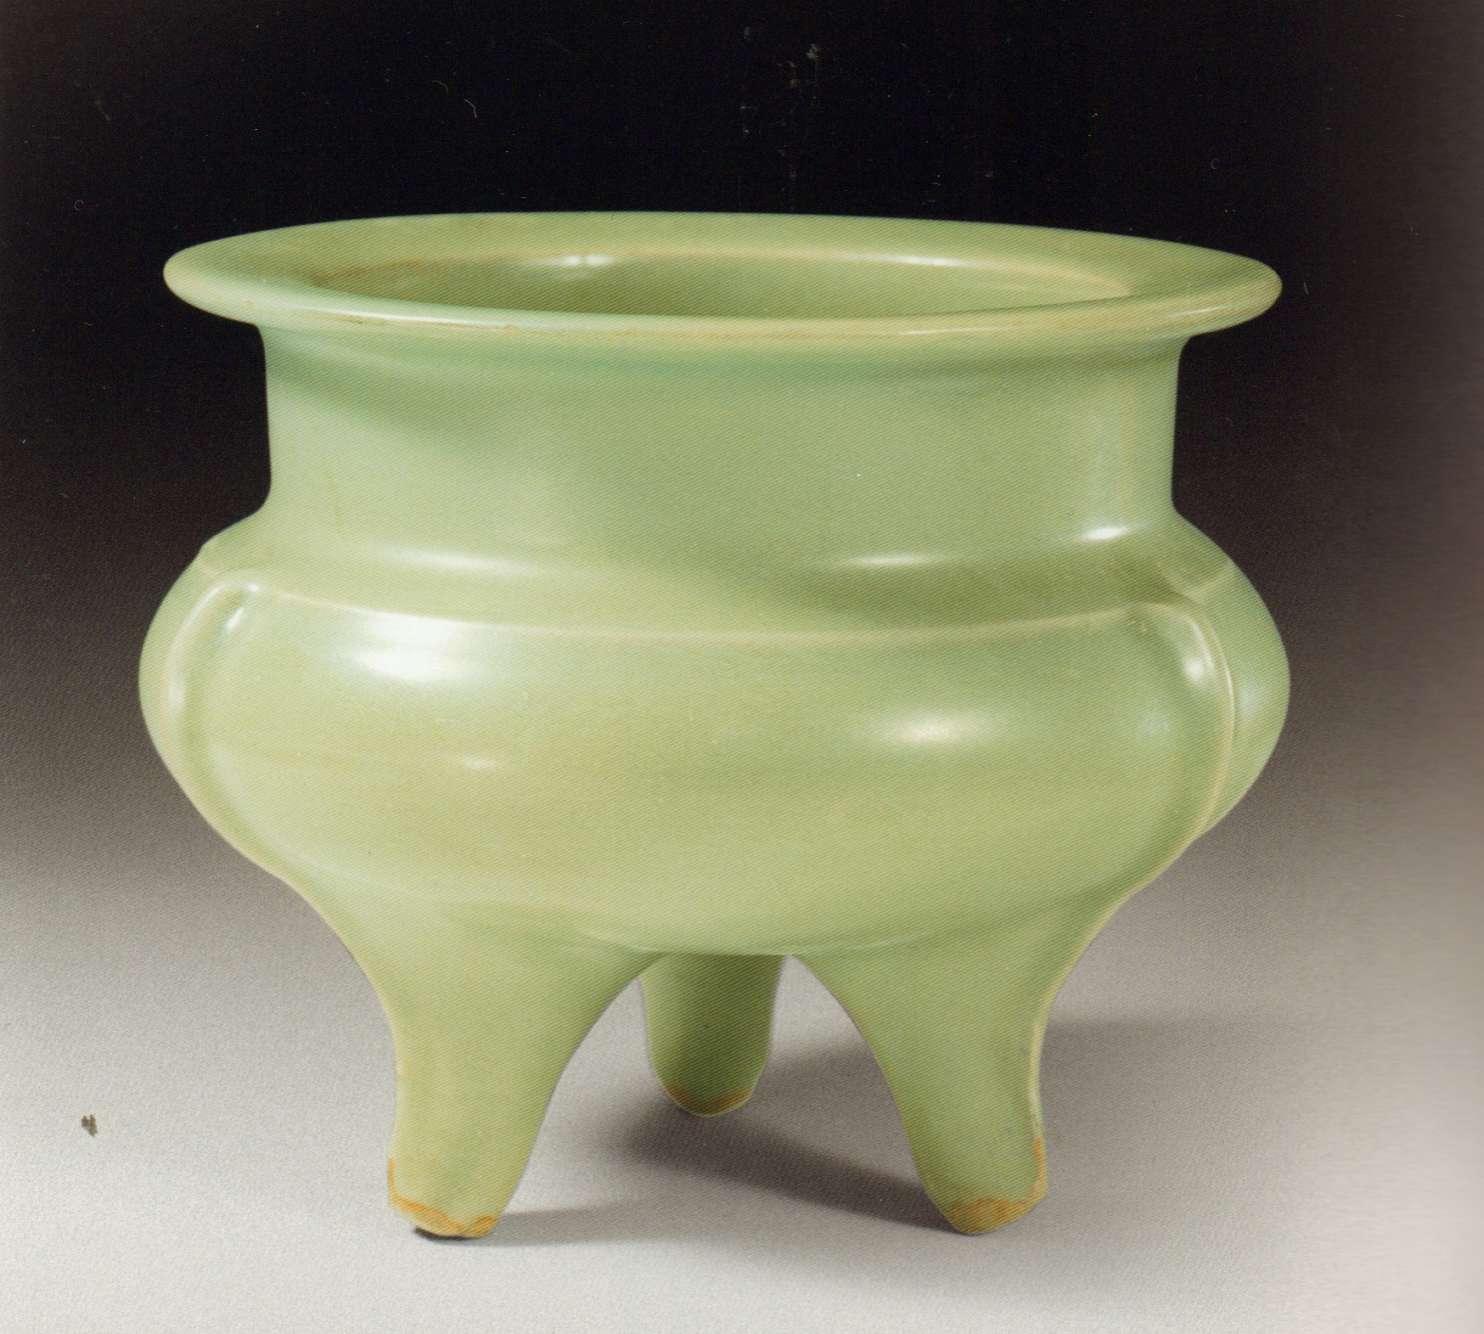 «Sous la dynastie Song, les pratiques de l'encens sont influencées par la culture lettrée qui favorise aussi bien les recherches sur les matières parfumées que sur les procédés de composition des parfums. Ce type de brûle-parfum, aux formes simples inspirées des bronzes antiques, est représentatif de ce goût lettré.»